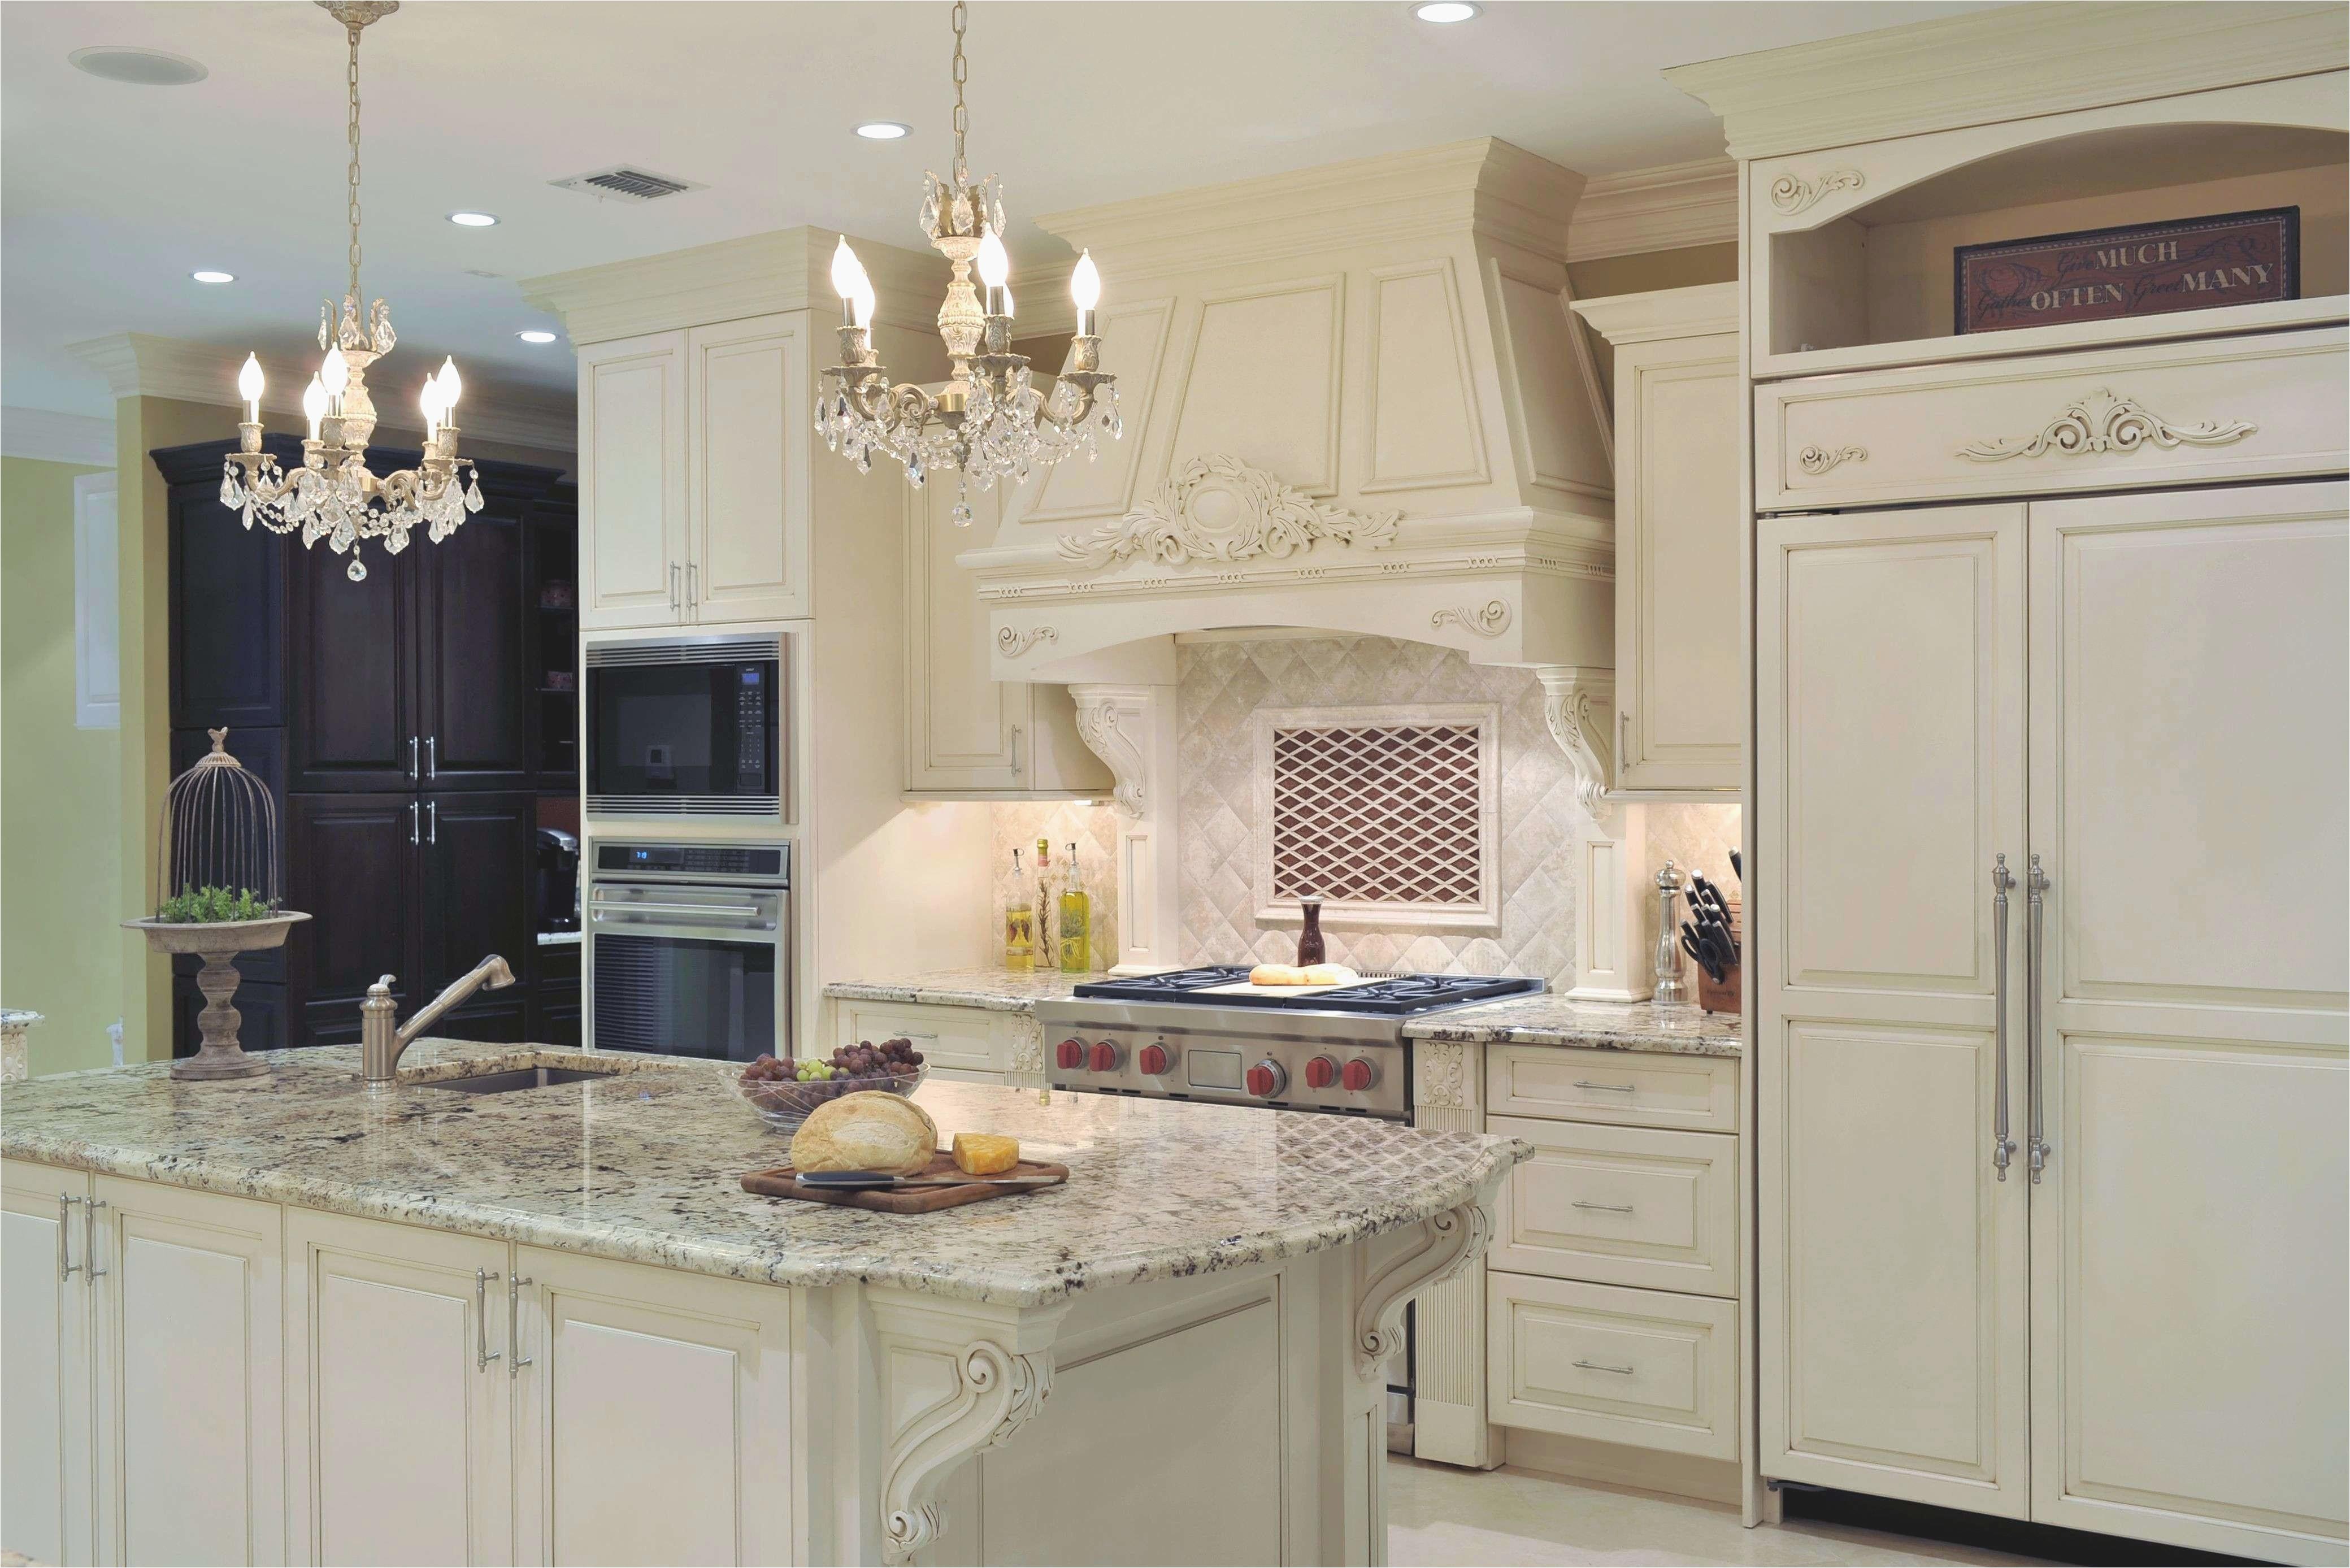 farmhouse kitchen ideas beautiful how much is kitchen cabinet installation lovely kitchen cabinet 0d design corner